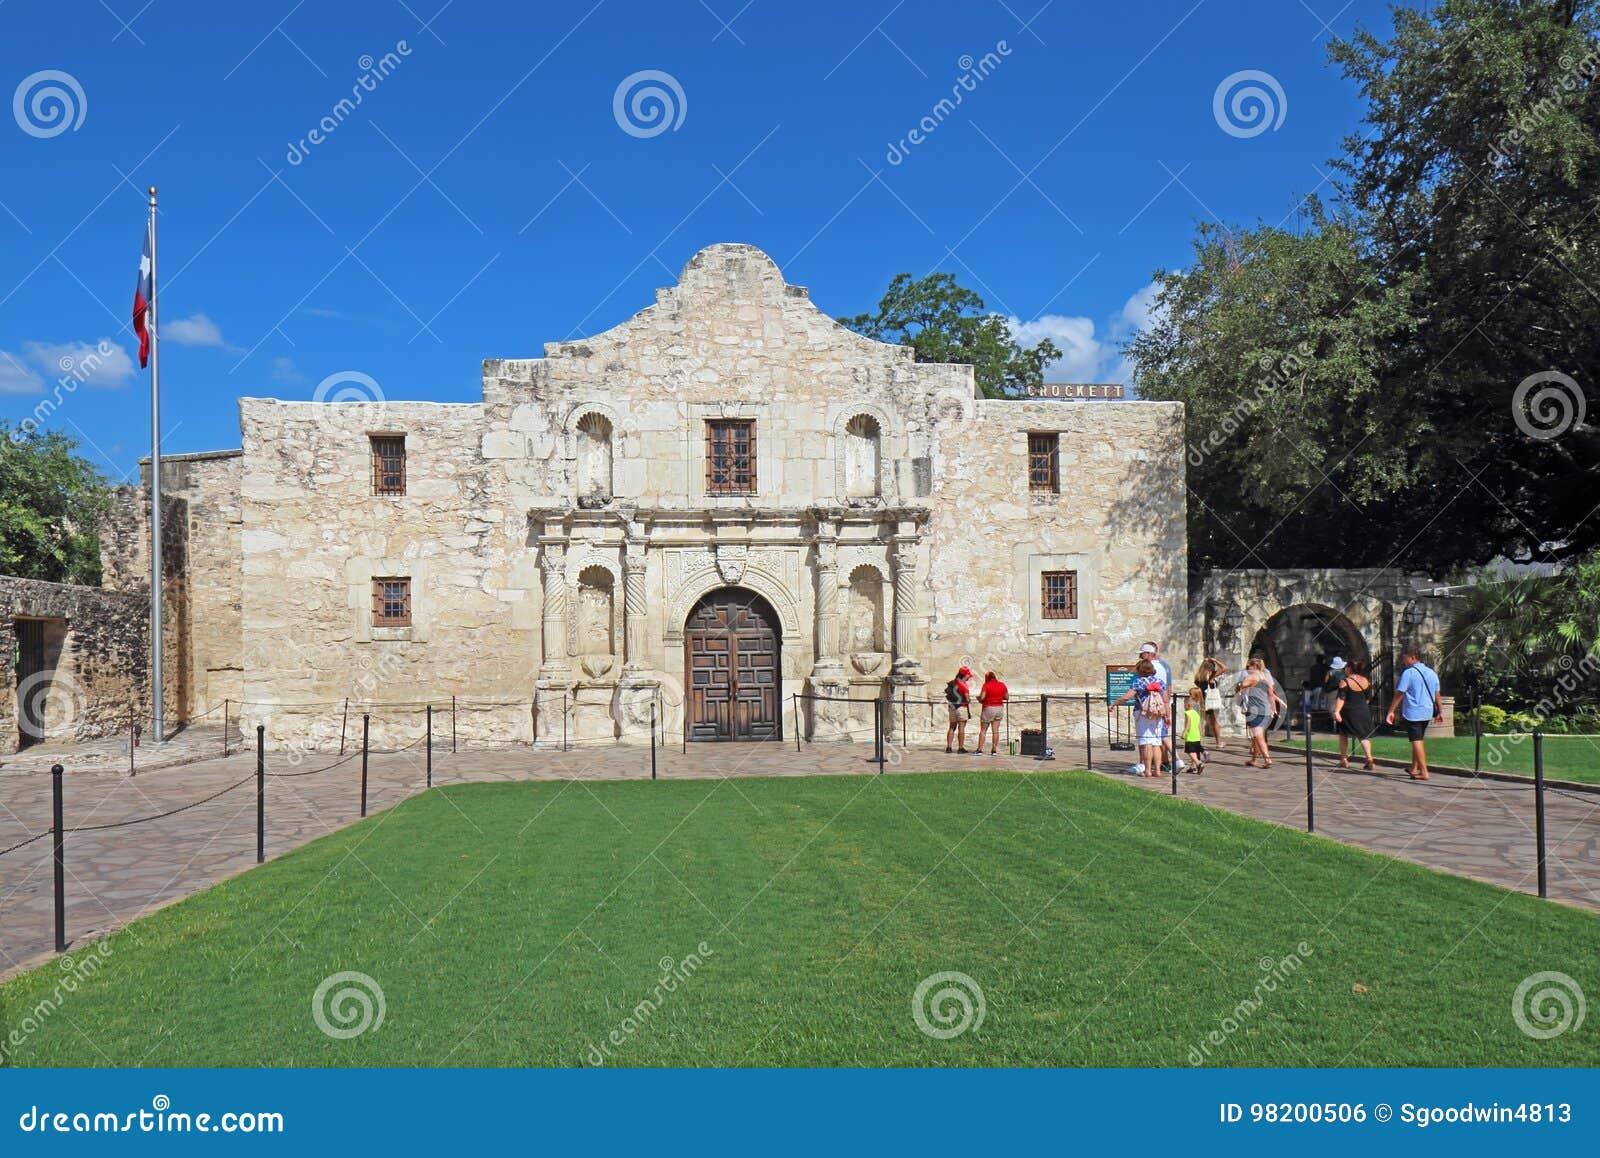 Download Туристы на Alamo в Сан Антонио, Техасе Редакционное Фото - изображение насчитывающей город, католическо: 98200506